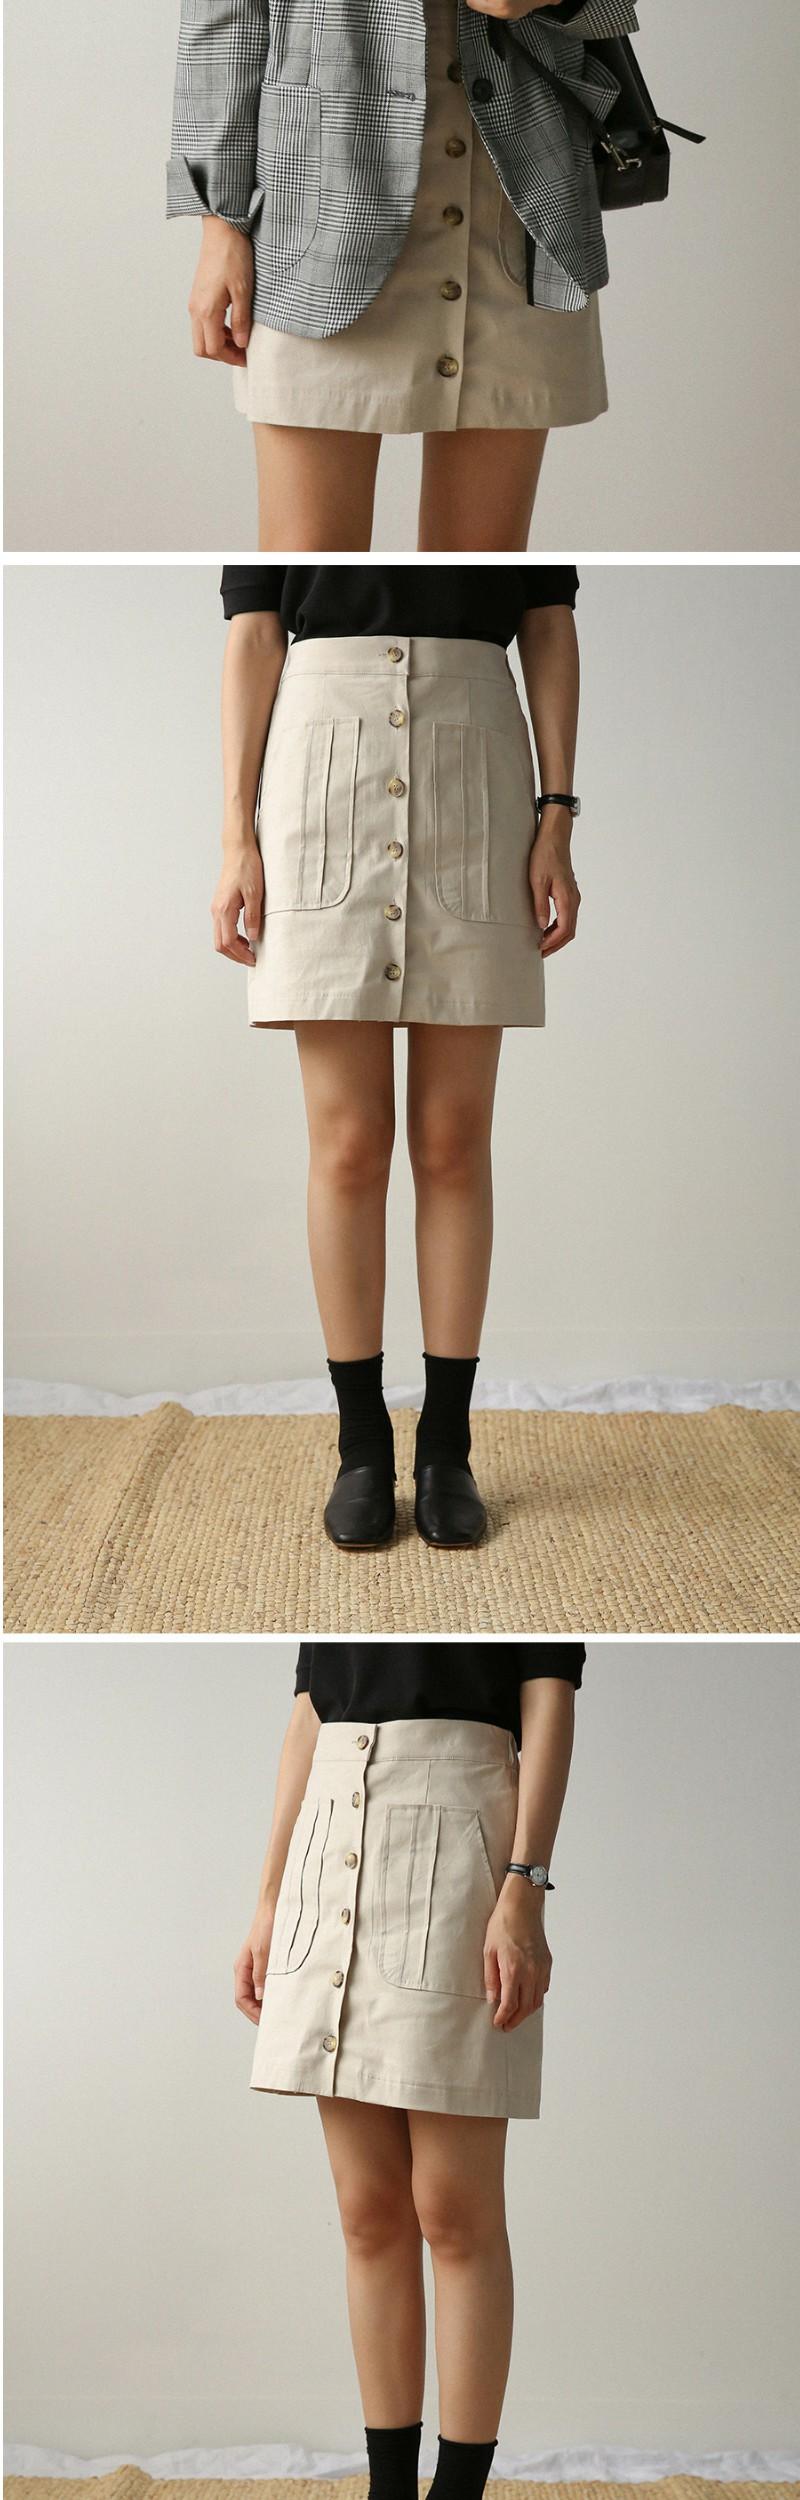 opening button banding skirt